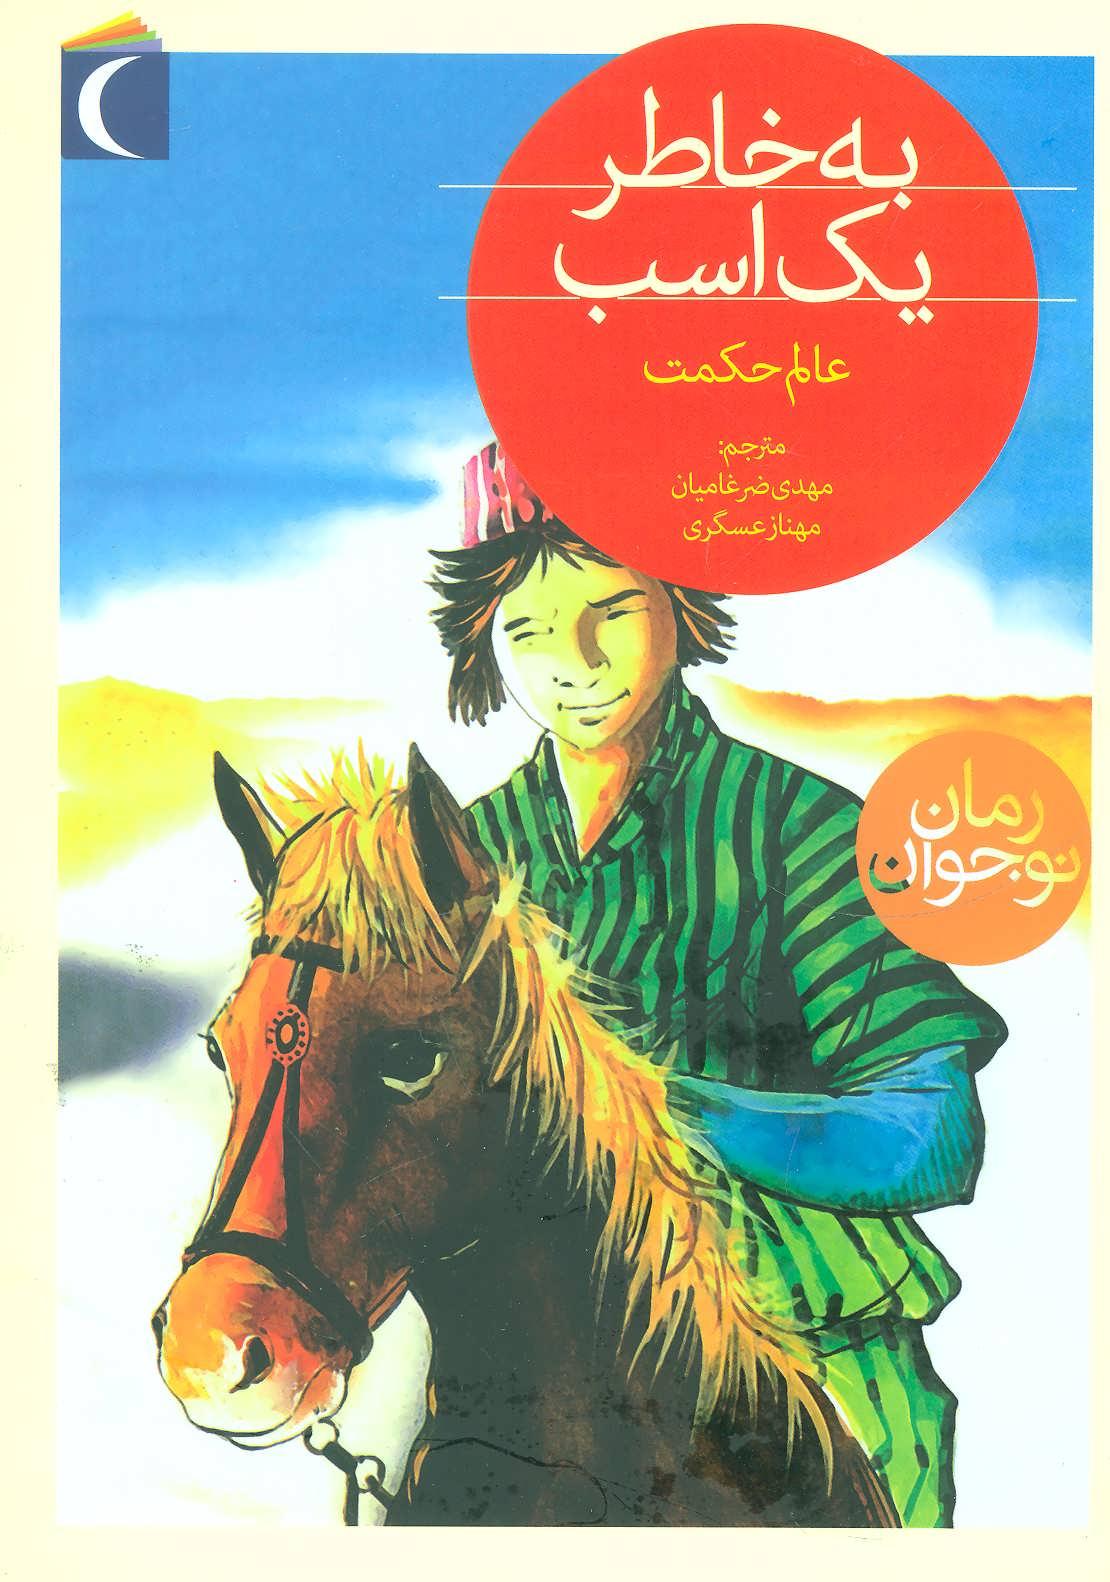 کتاب به خاطر یک اسب